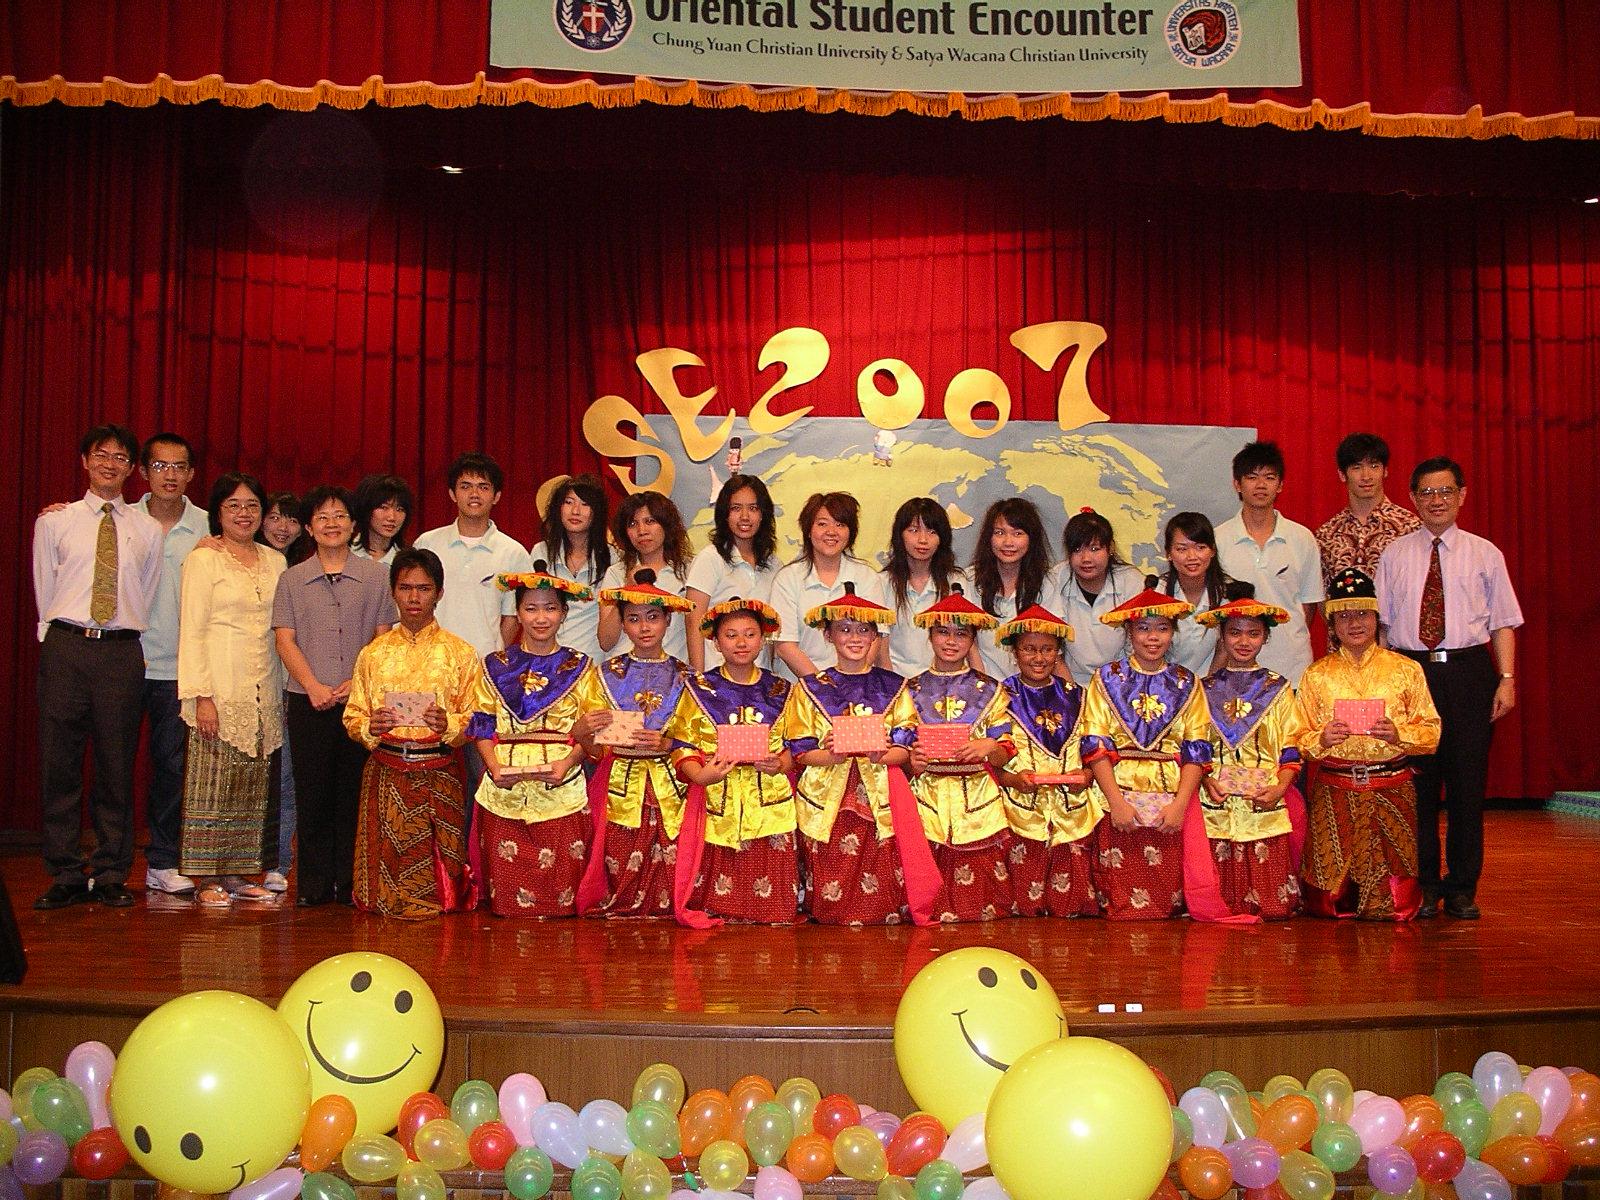 中原大學辦「中印文化體驗營」 提升學生國際視野